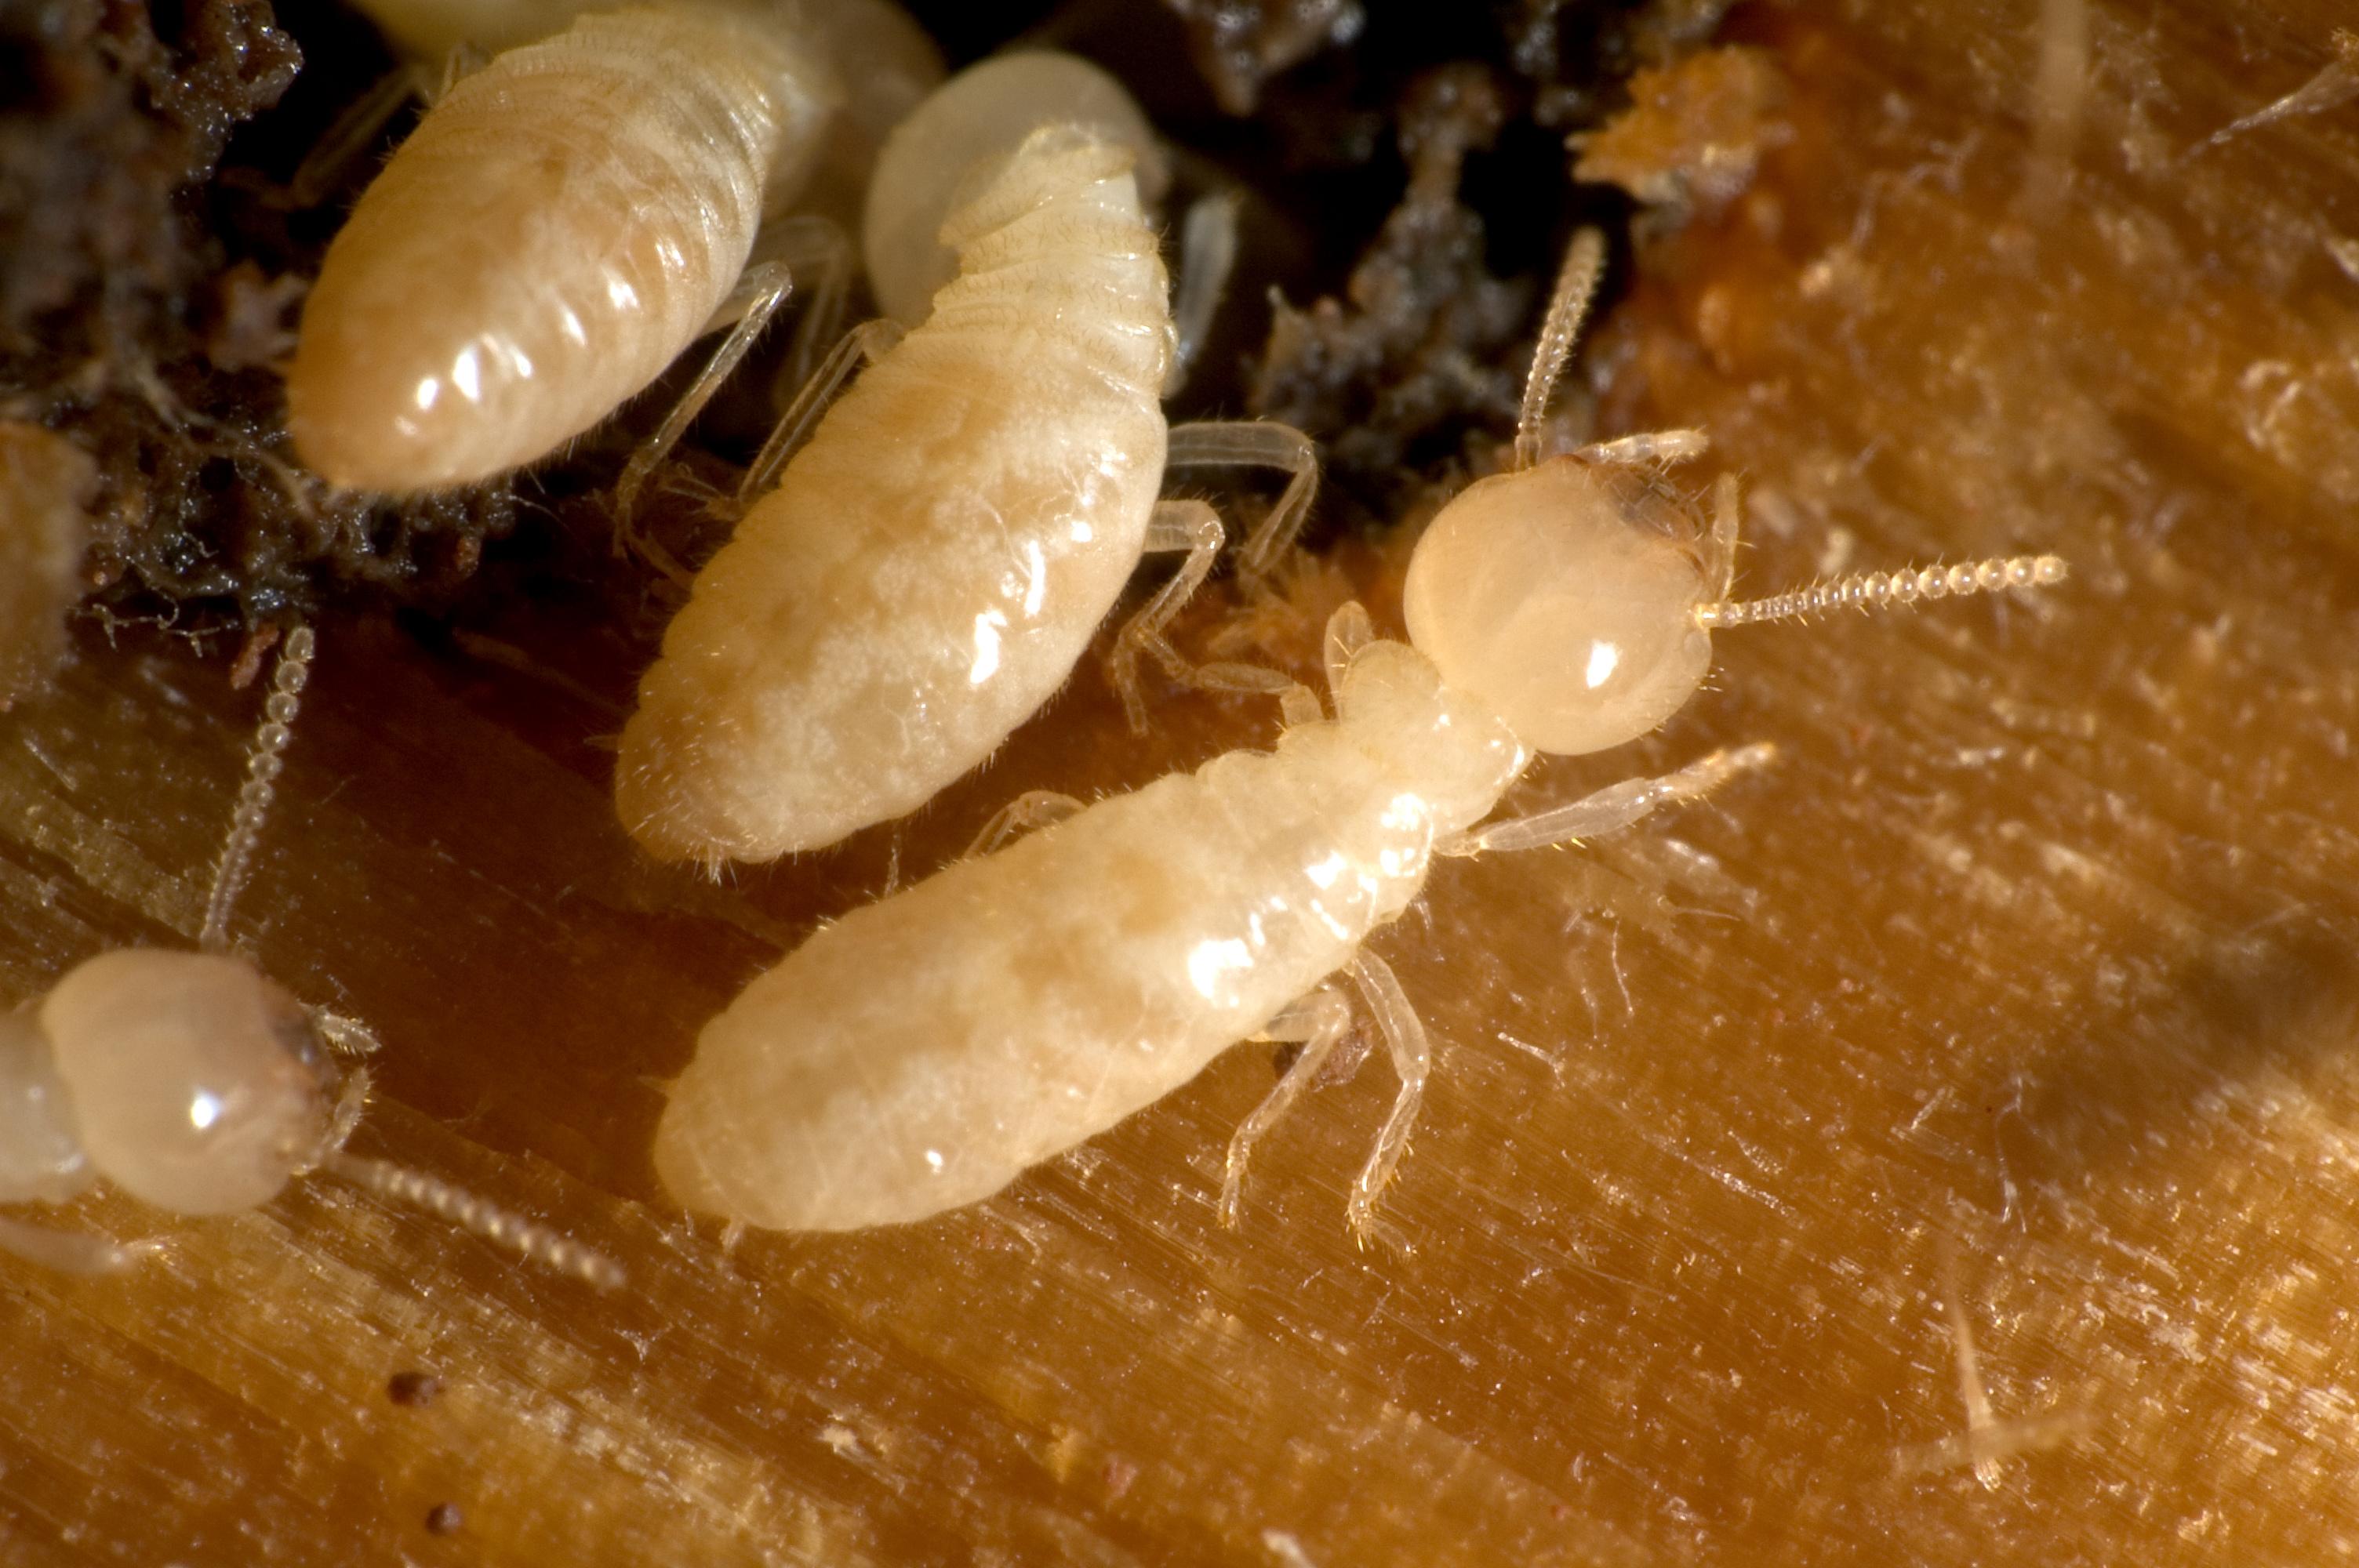 Control de plagas de termitas: Deshacerse de las termitas